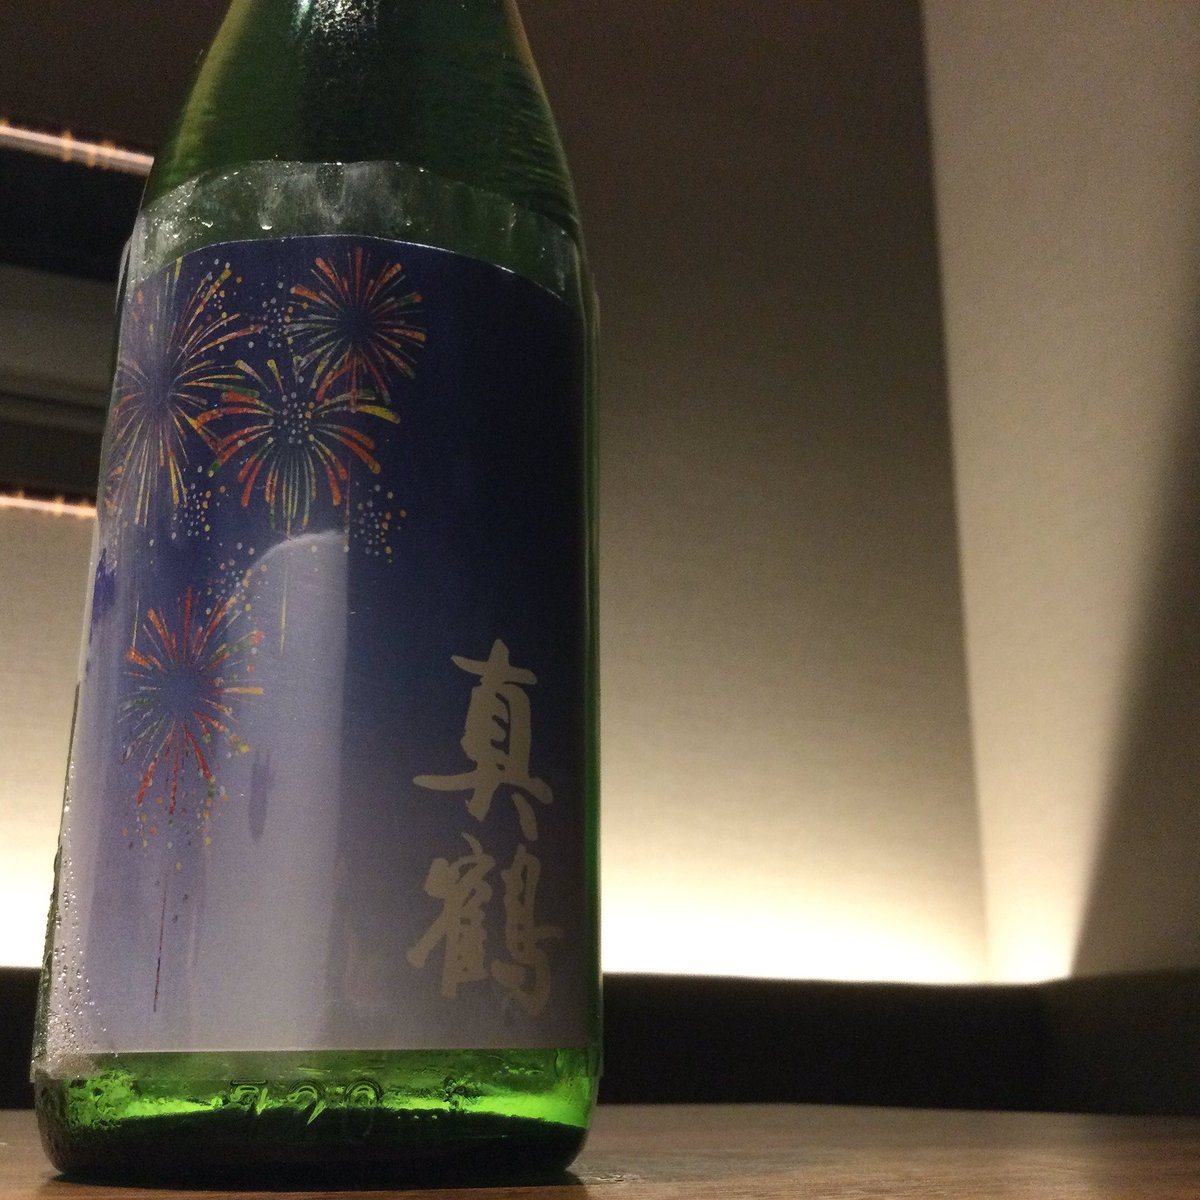 test ツイッターメディア - こんばんは幸五郎です!  本日ご紹介するのは宮城県の日本酒 #真鶴  この真鶴は絞ったばかりの新酒をそのまますぐに瓶詰し、 低音にて貯蔵熟成させた無濾過特別純米酒!  しっかりとした酸味の中にも旨味のあるお酒です🍶  ご来店された際は是非お試しください♪ https://t.co/Zhc6vVBeak